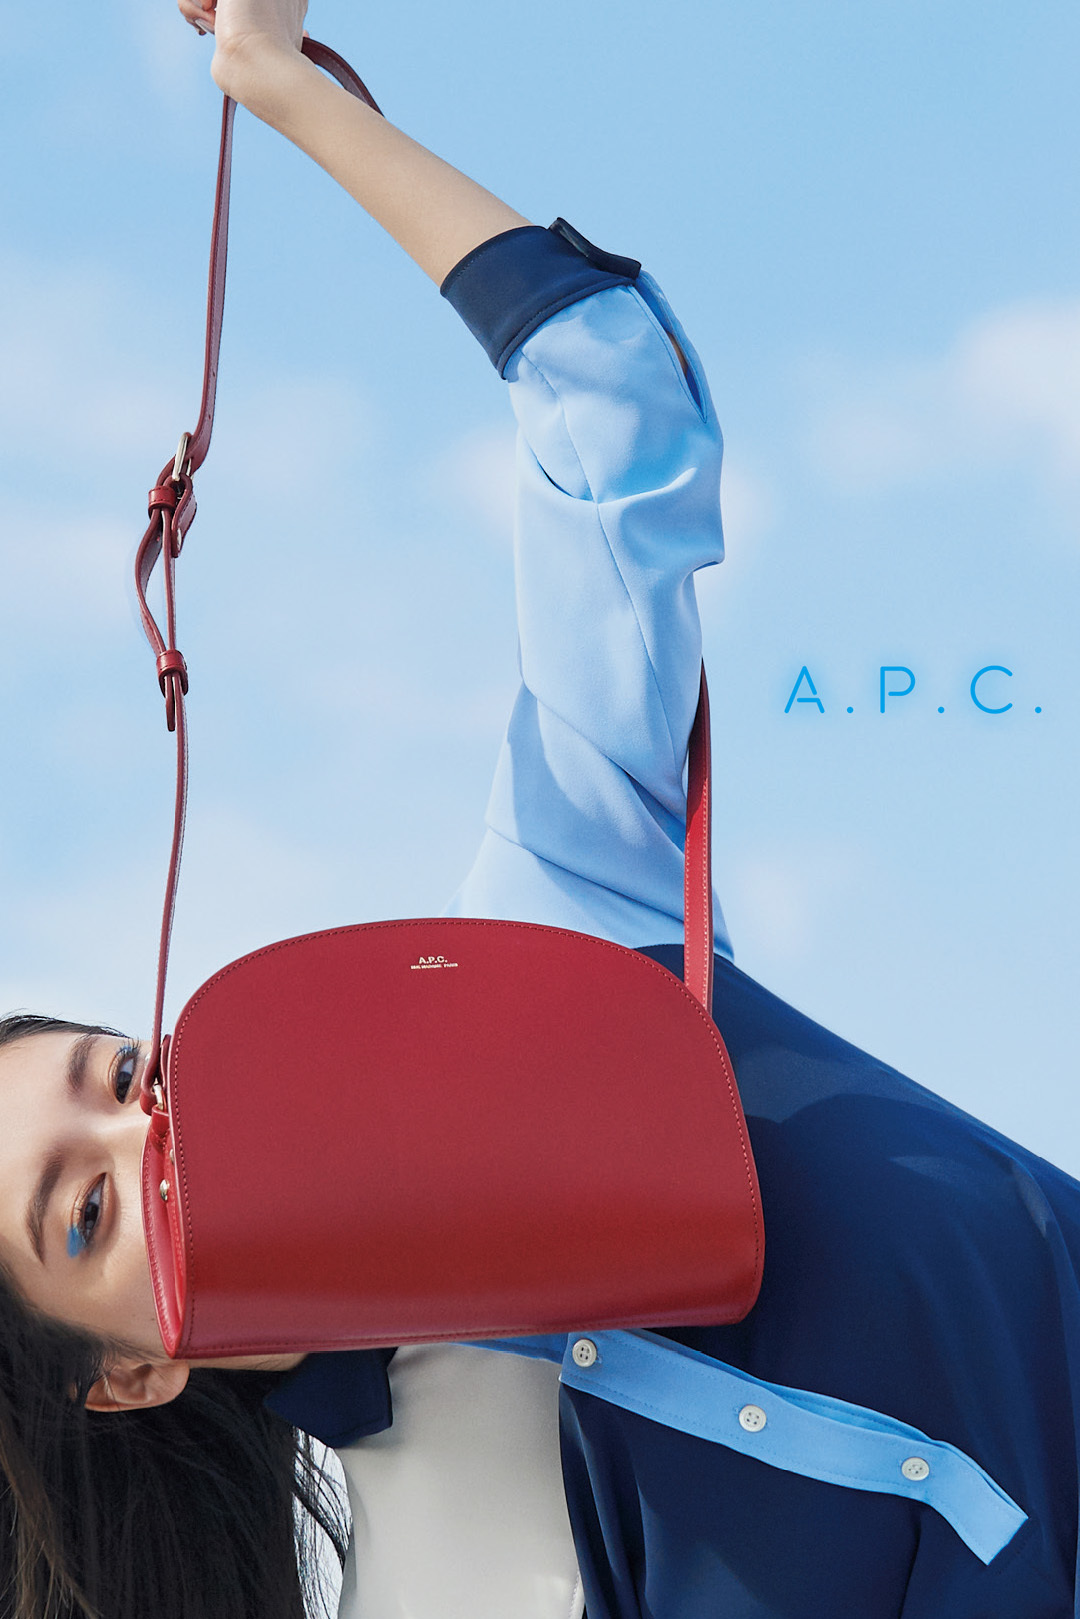 コーチ&マイケルコース&A.P.C.の春新作バッグをチェック!【20歳からの名品】_1_3-1